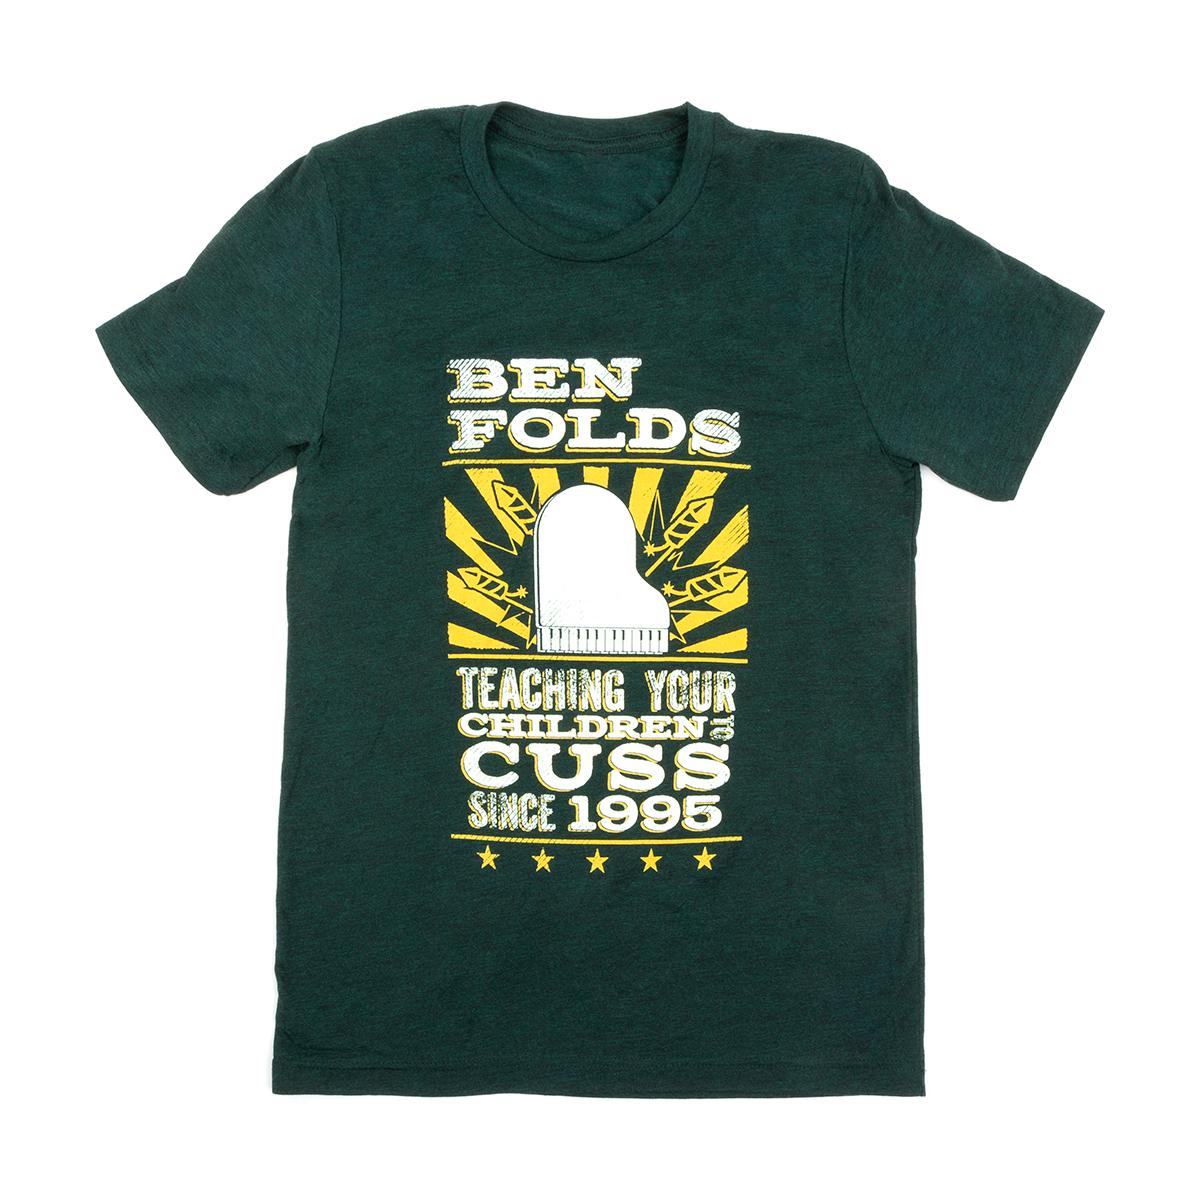 CUSS T-shirt (Green)